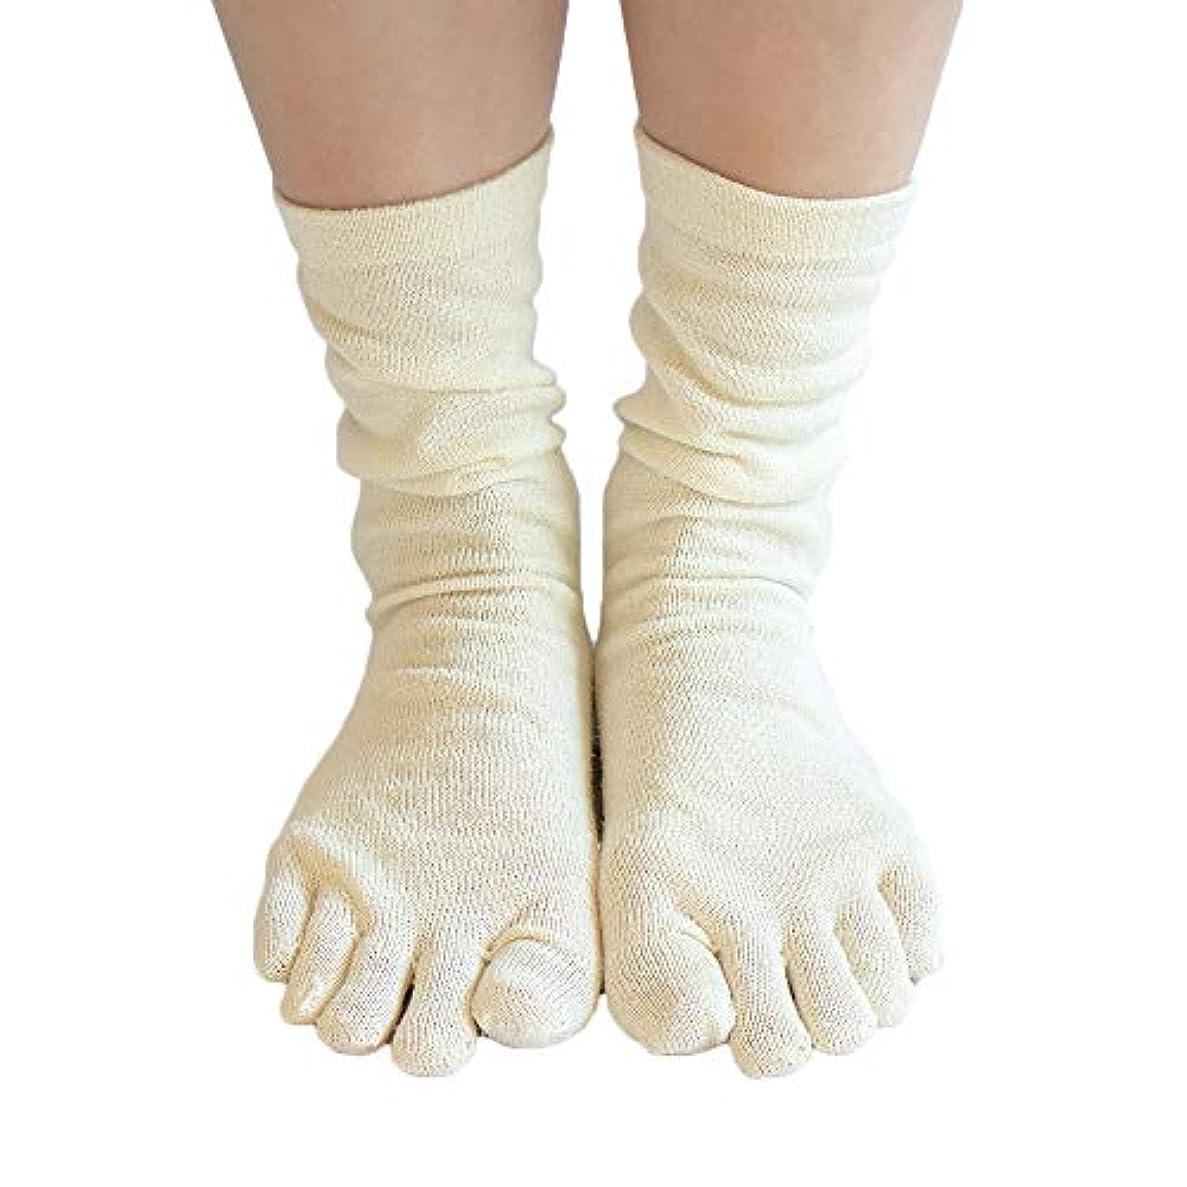 ベジタリアン姿を消すプレビューシルク 100% 五本指 ソックス 3足セット かかとあり 上質な絹紡糸と紬糸ブレンドした絹糸を100%使用した薄手靴下 重ね履きのインナーソックスや冷えとりに